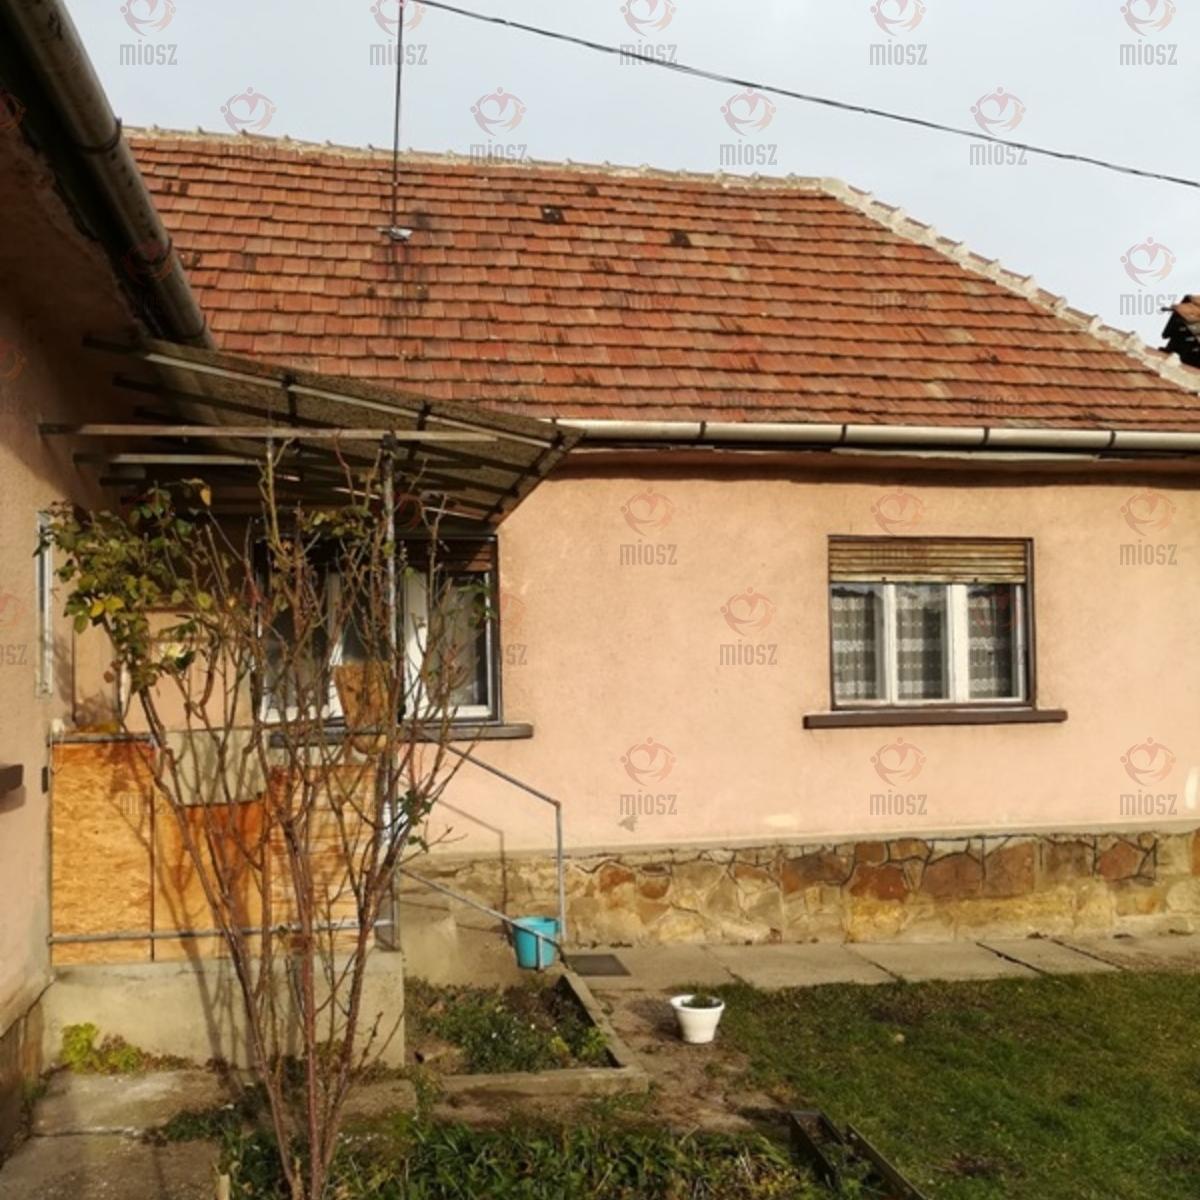 Eladó  családi ház (Pest megye, Budakeszi, Fő utca) 25,8 M  Ft